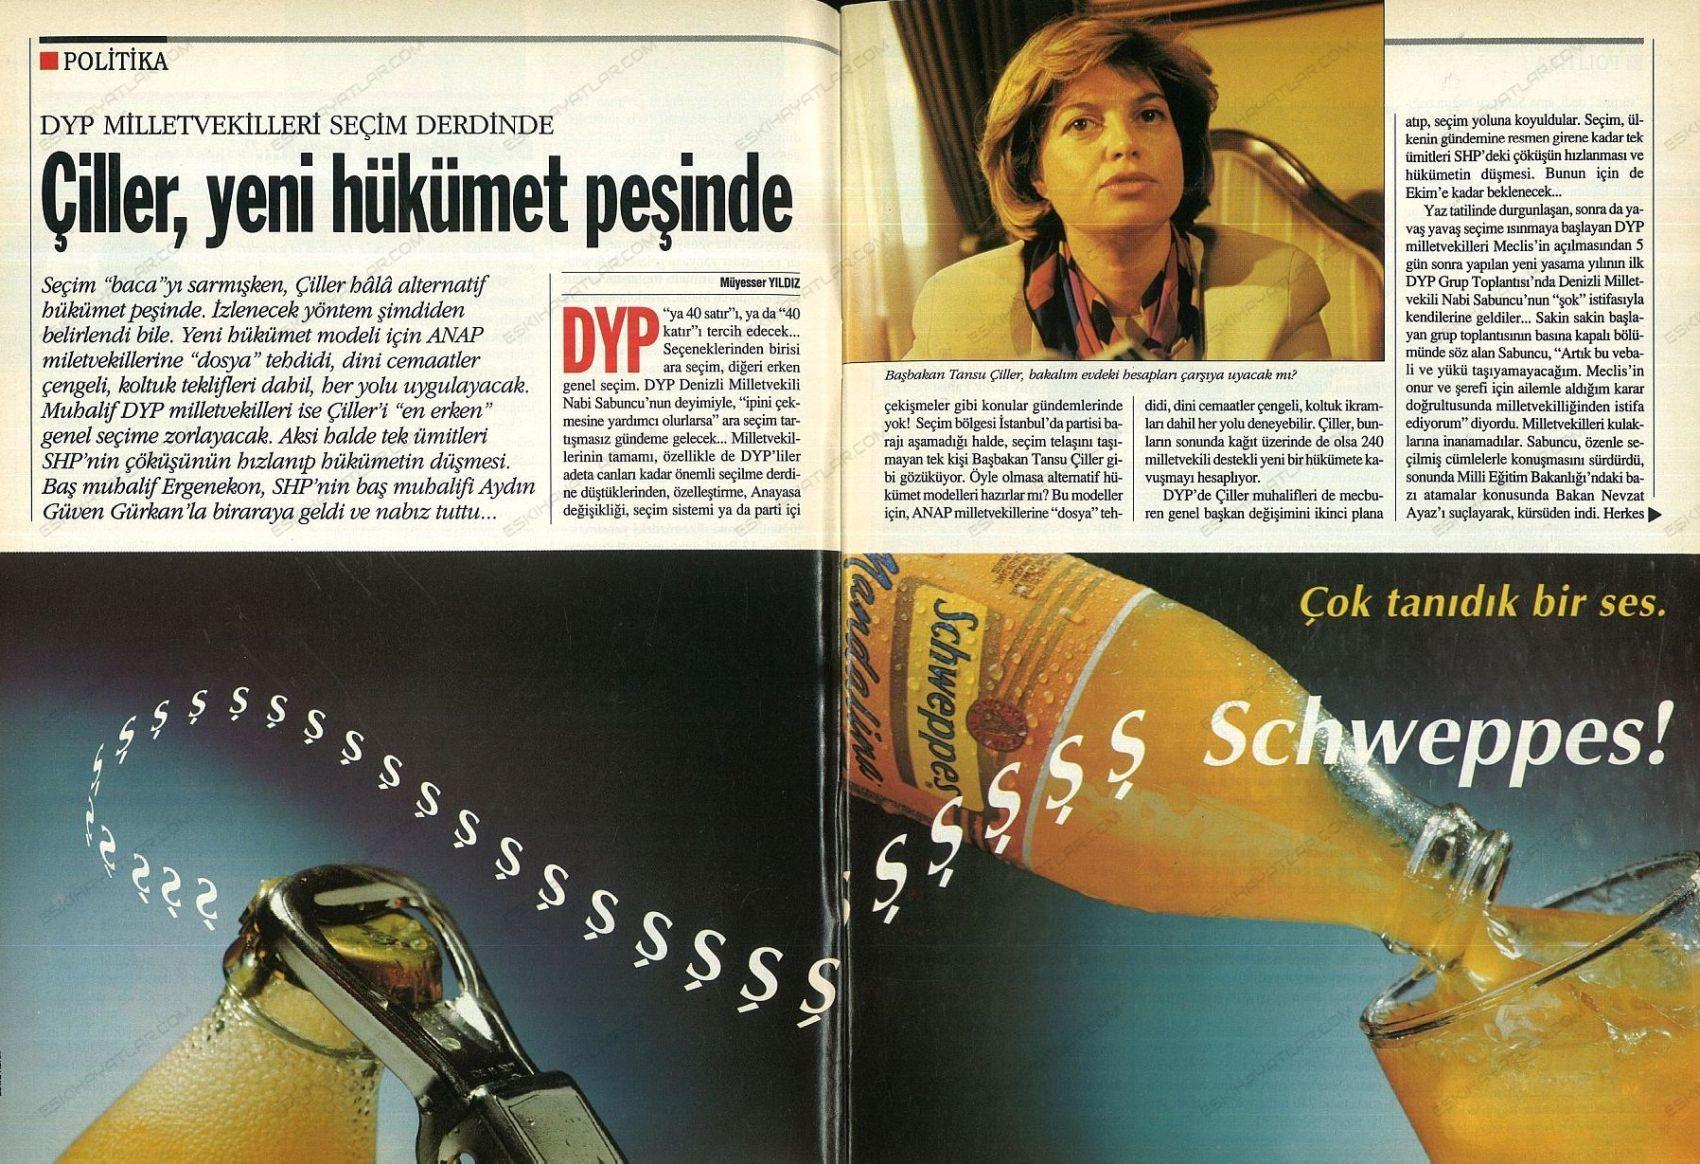 0270-tansu-ciller-yeni-hukumet-pesinde-1994-nokta-dergisi-schweppes-reklami